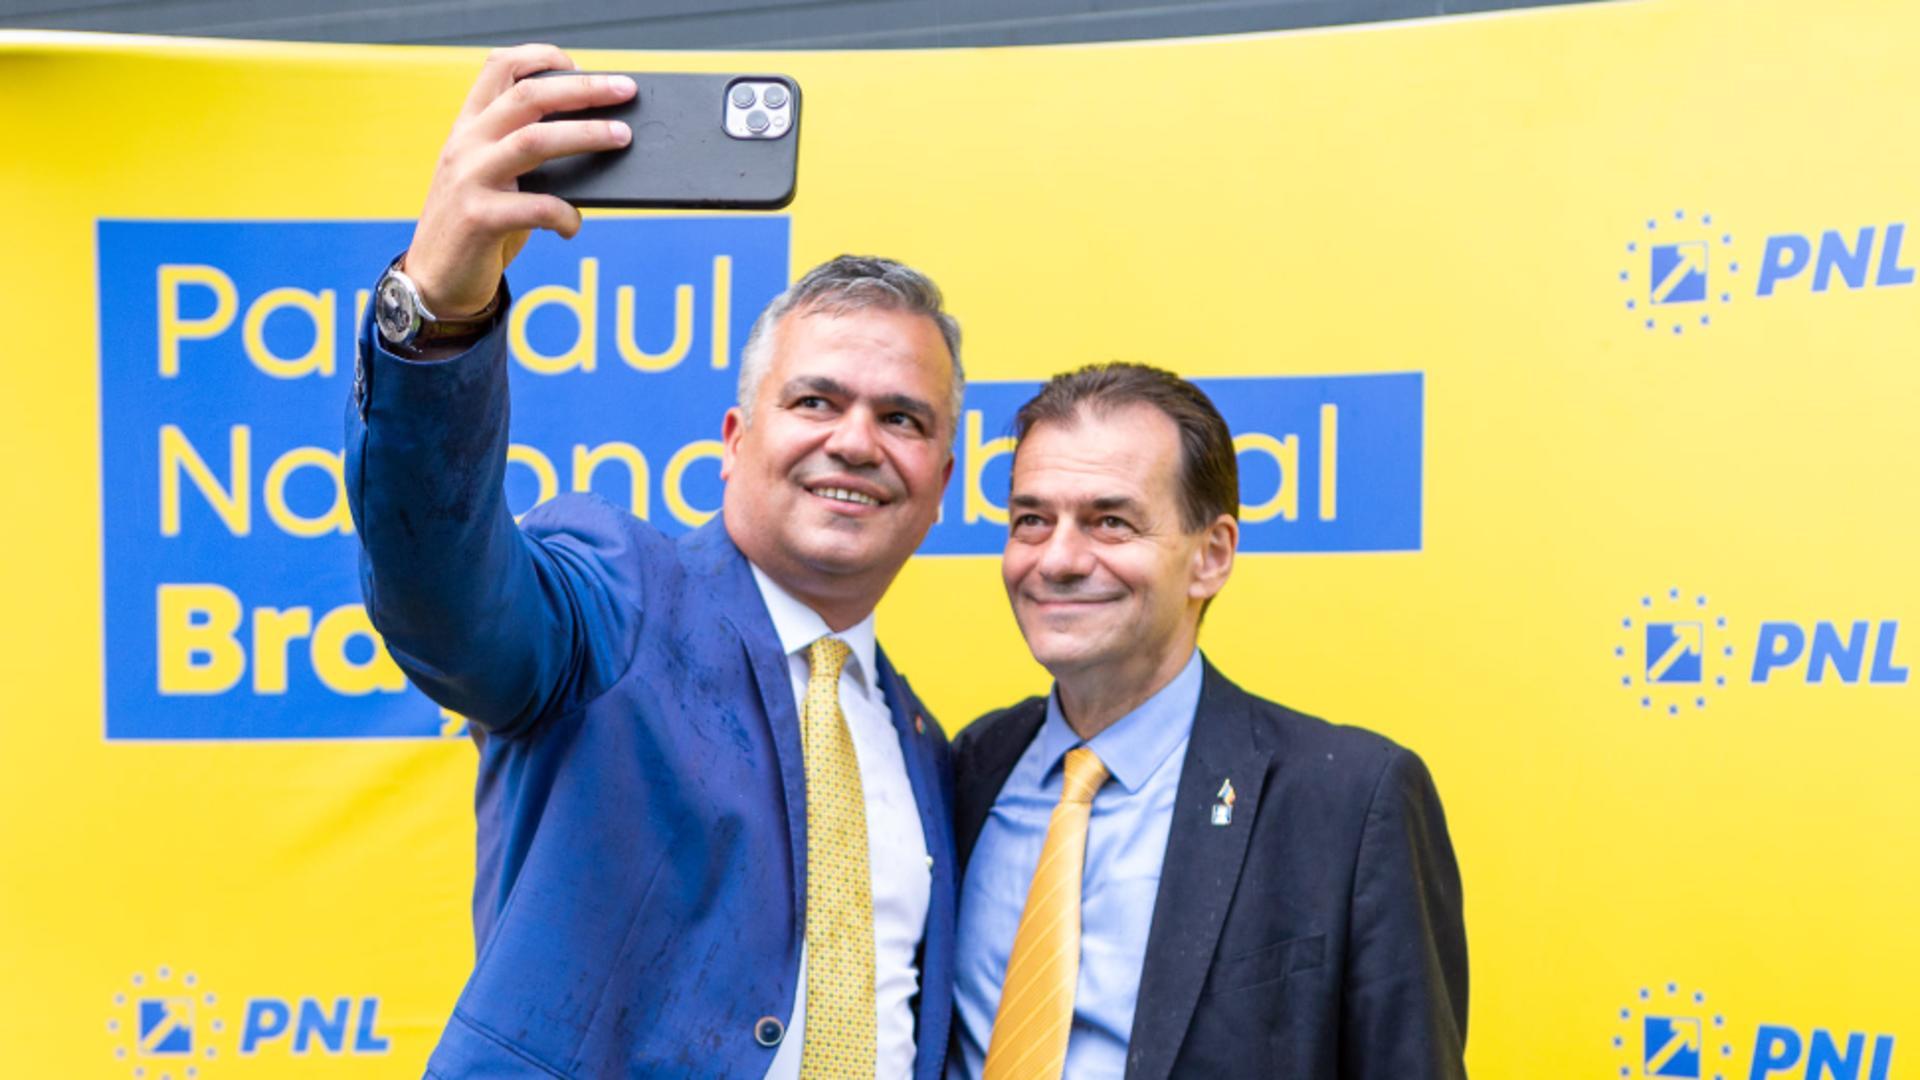 Ludovic Orban, alături de președintele PNL Brașov, Adrian Veștea / Foto: Facebook